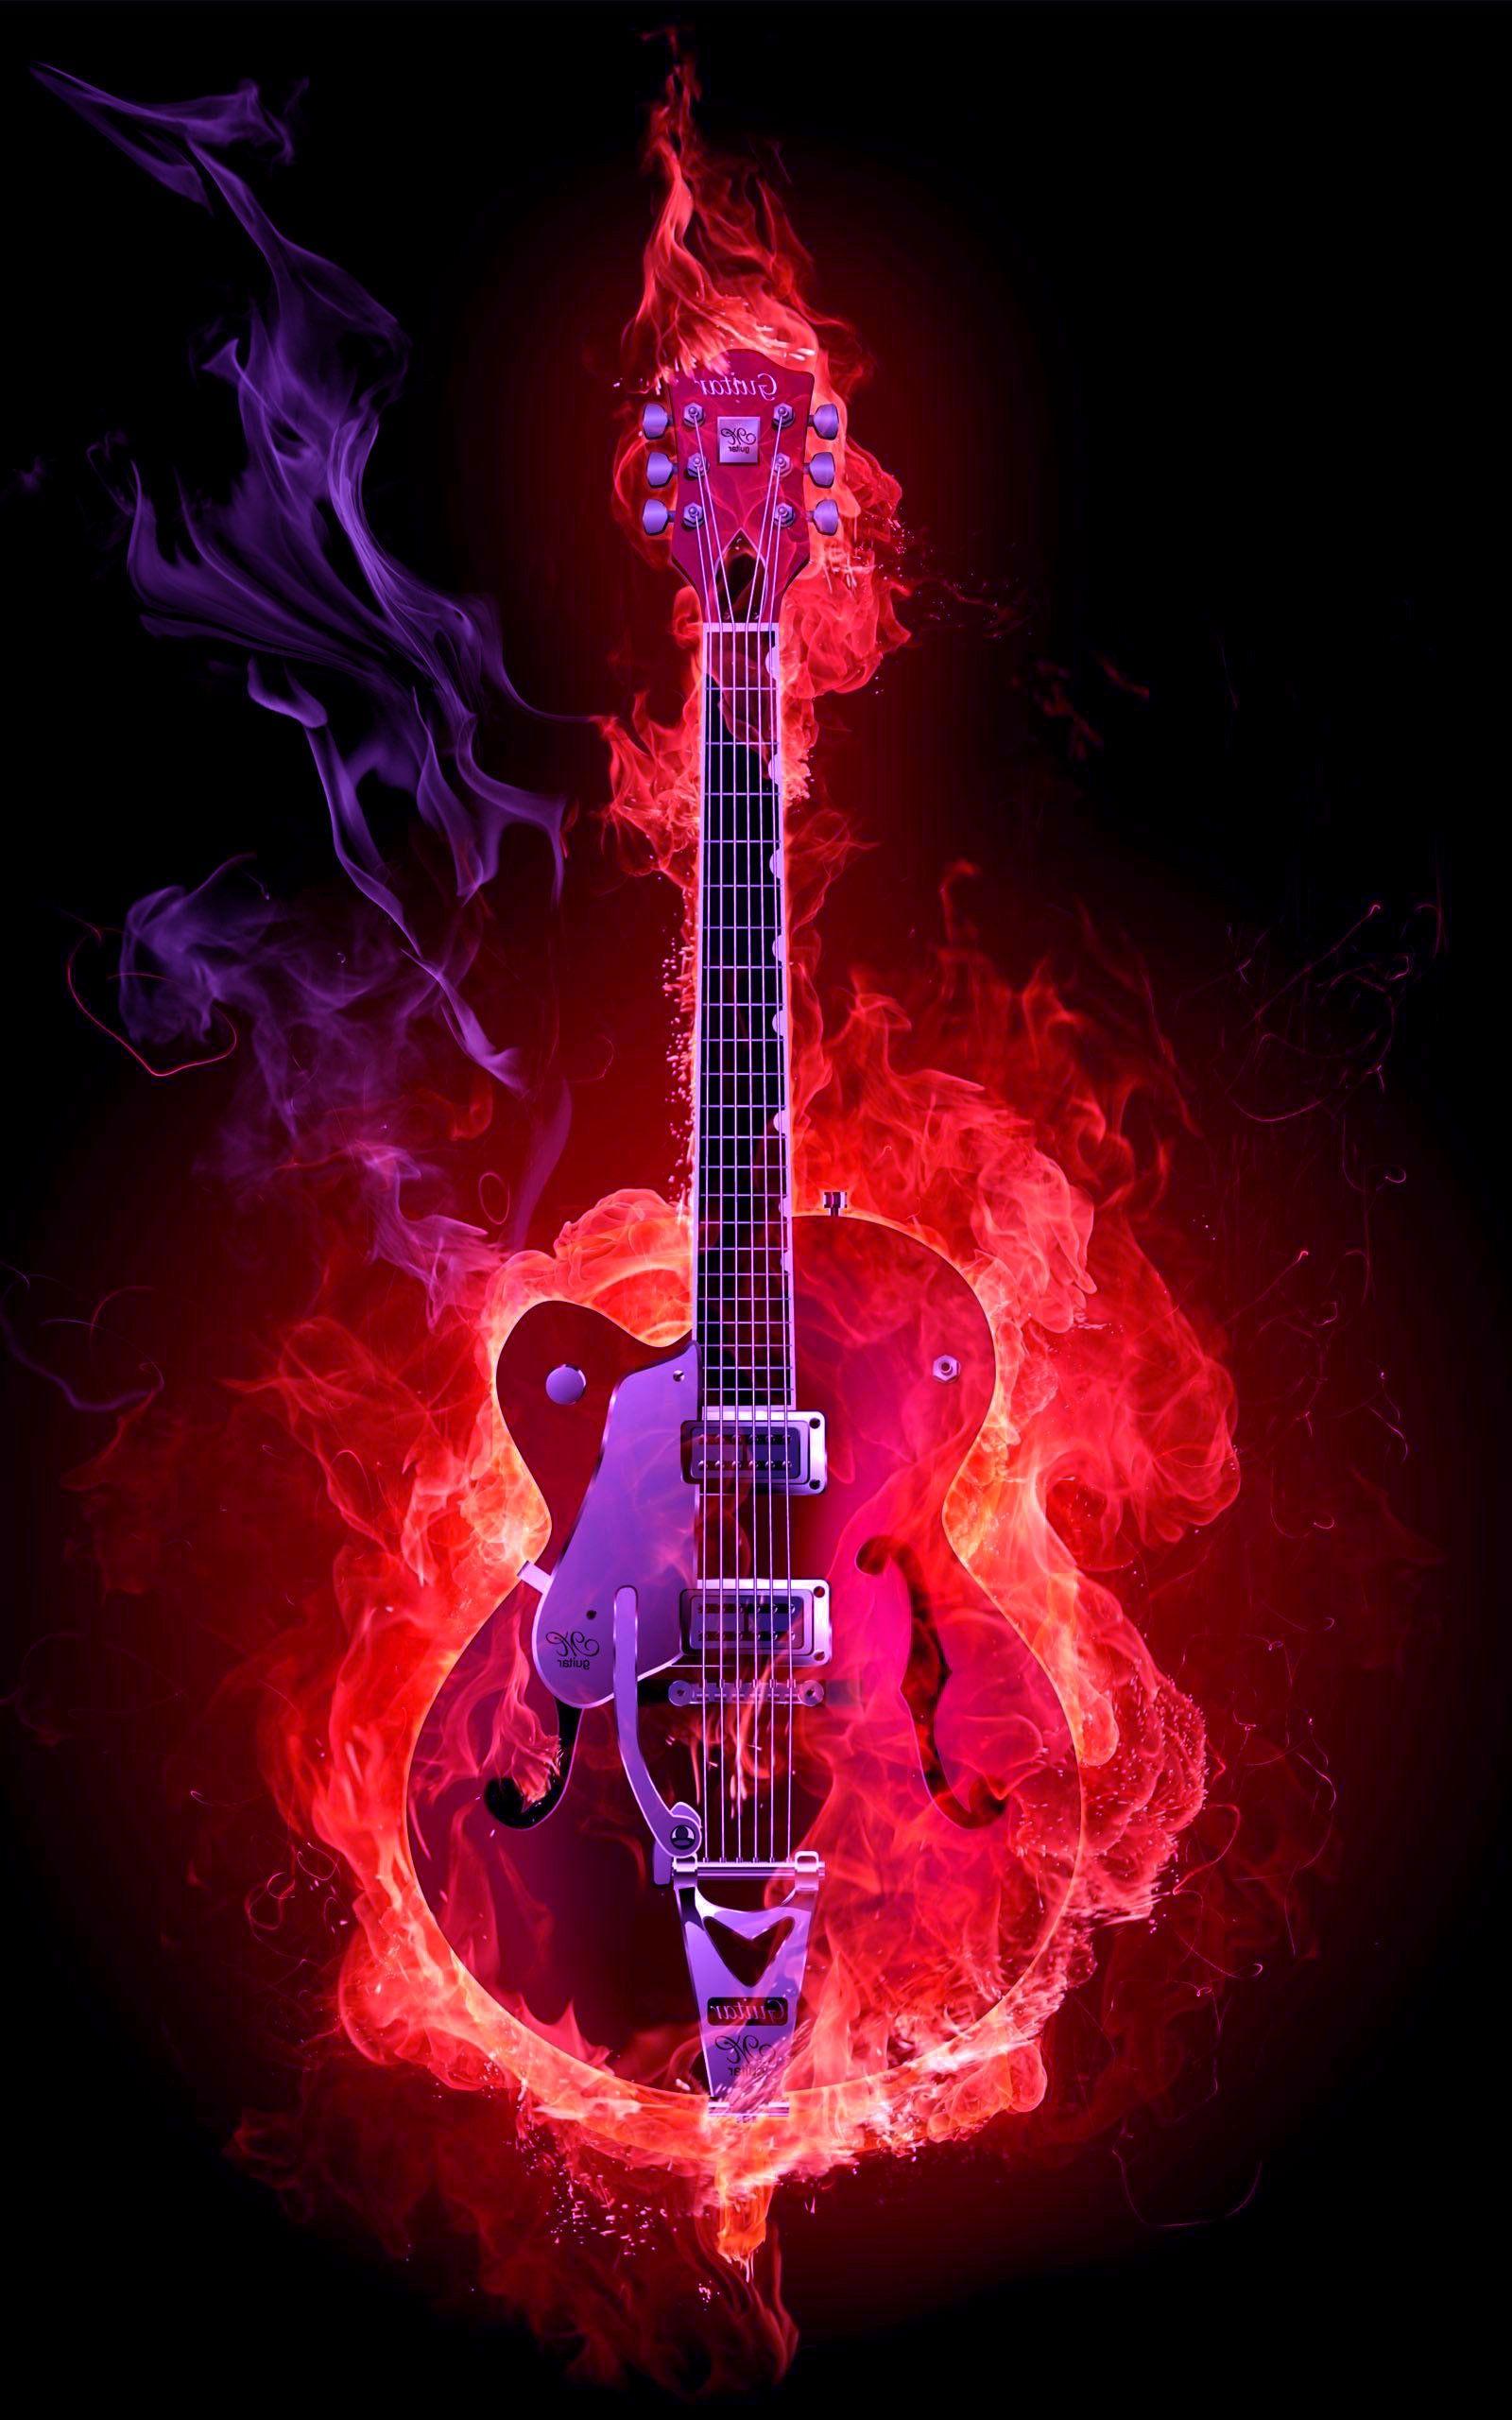 flame guitar hd wallpaper